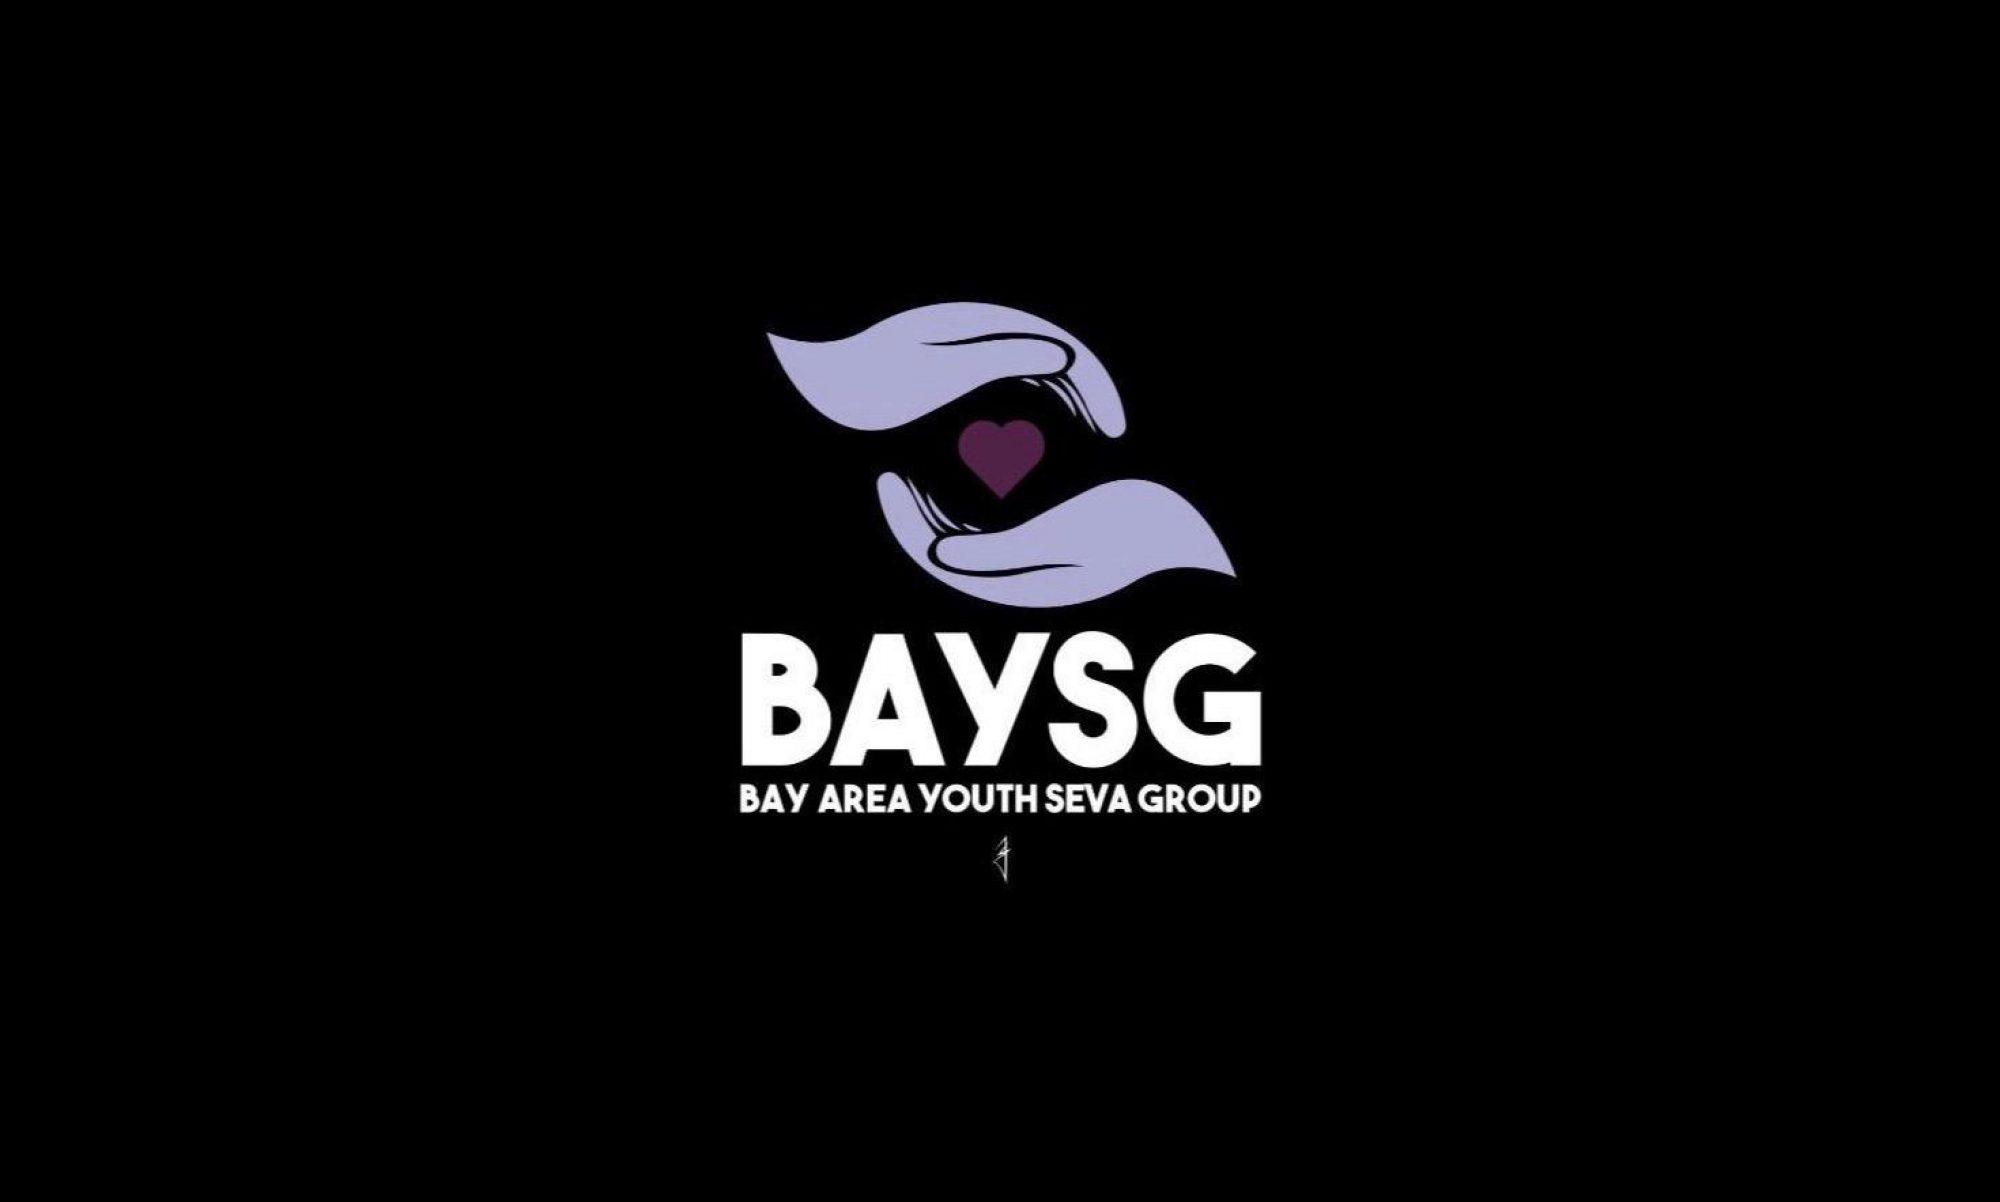 BAYSG